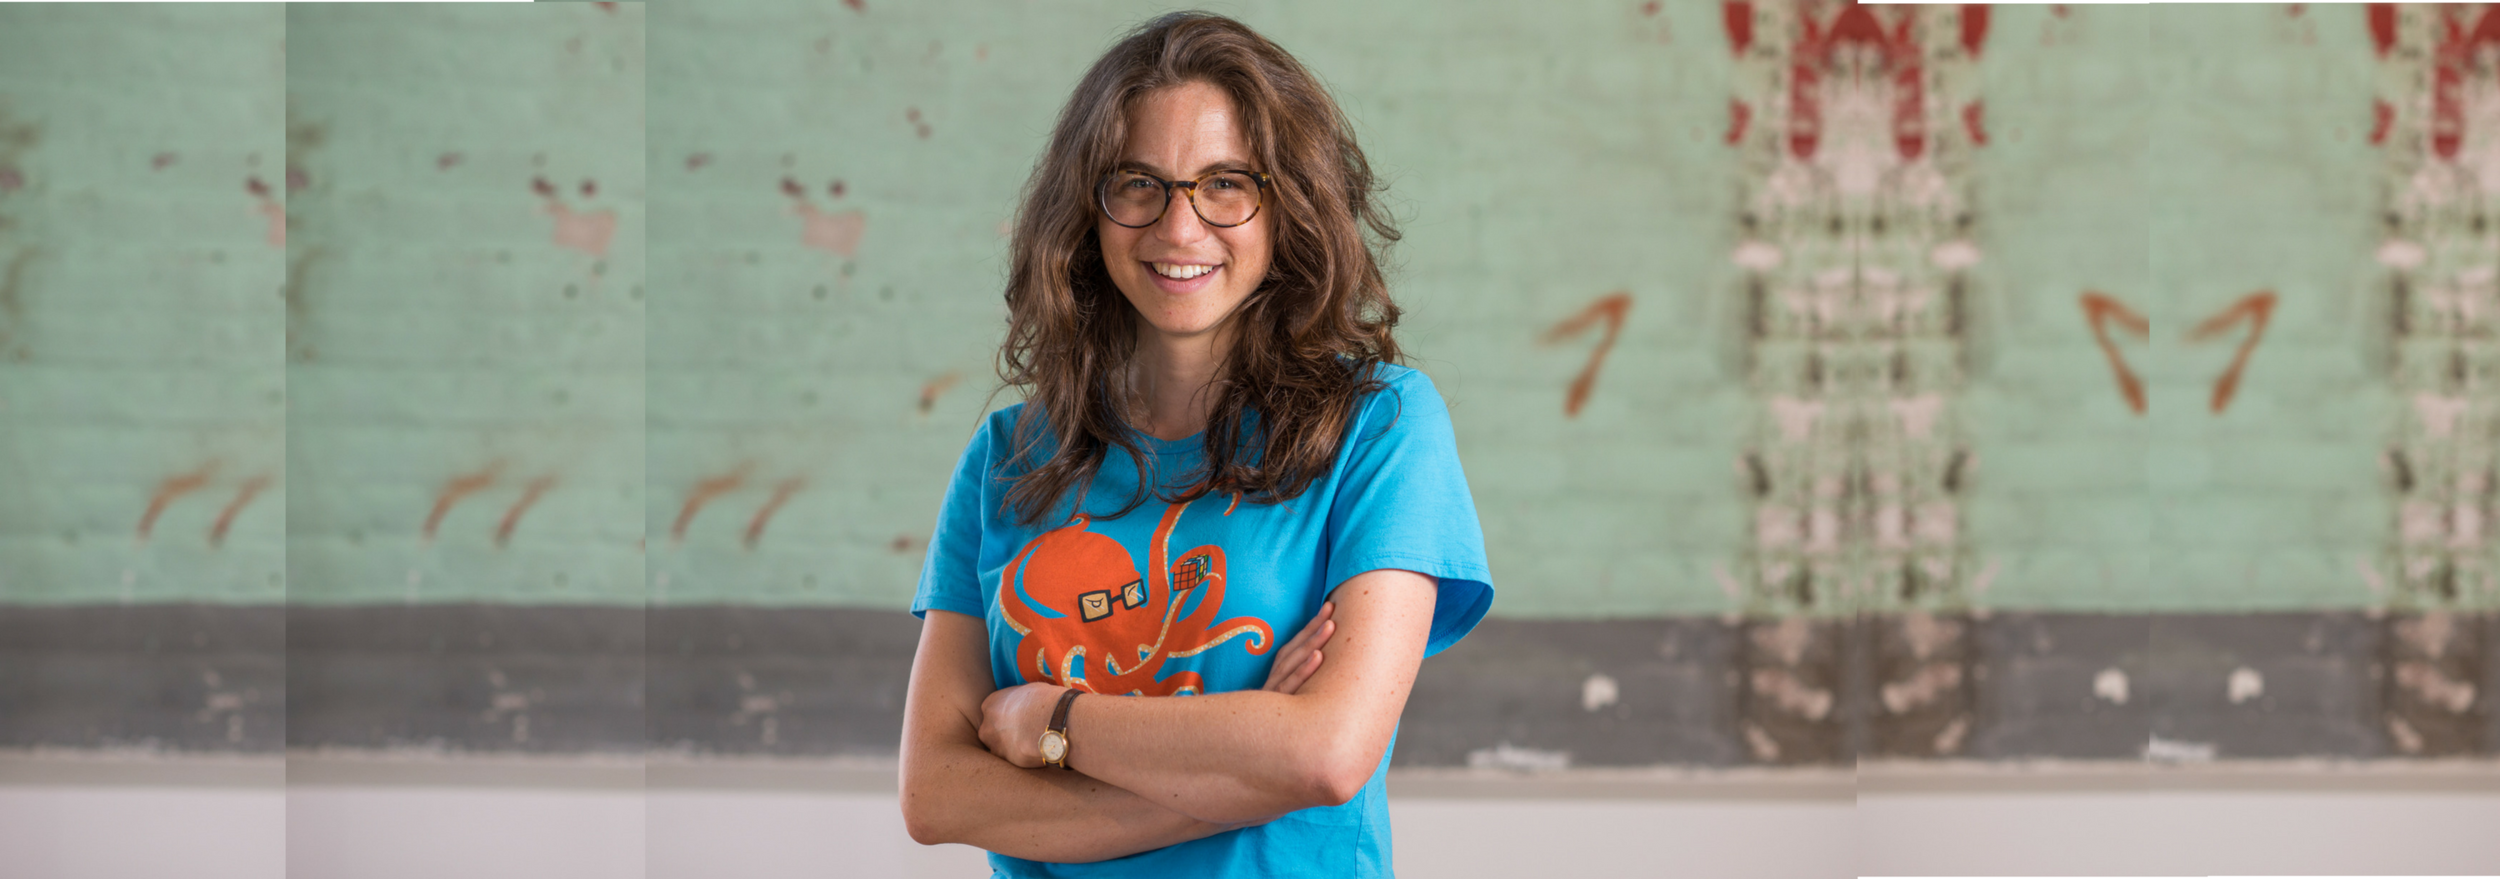 (Descrição da imagem: A reportér Wendy Zuckerman posa de braços cruzados em frente a um muro de tijolos azul claro. Ela está sorrindo e usando uma camisa com um desenho de um polvo de óculos)